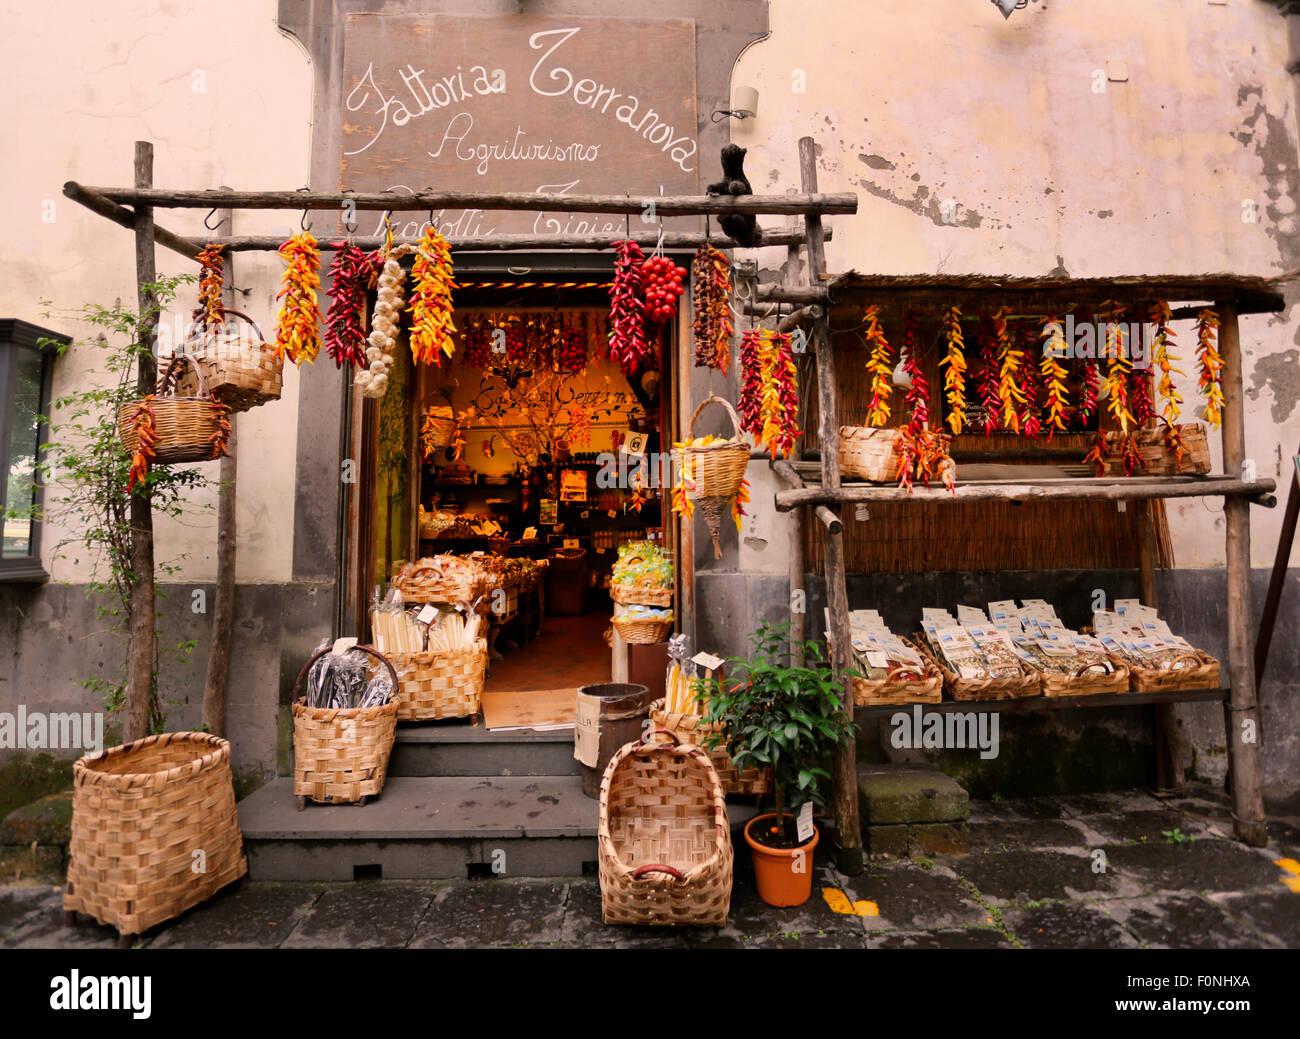 Tienda de comida italiana tradicional,Amalfi,Italia Imagen De Stock